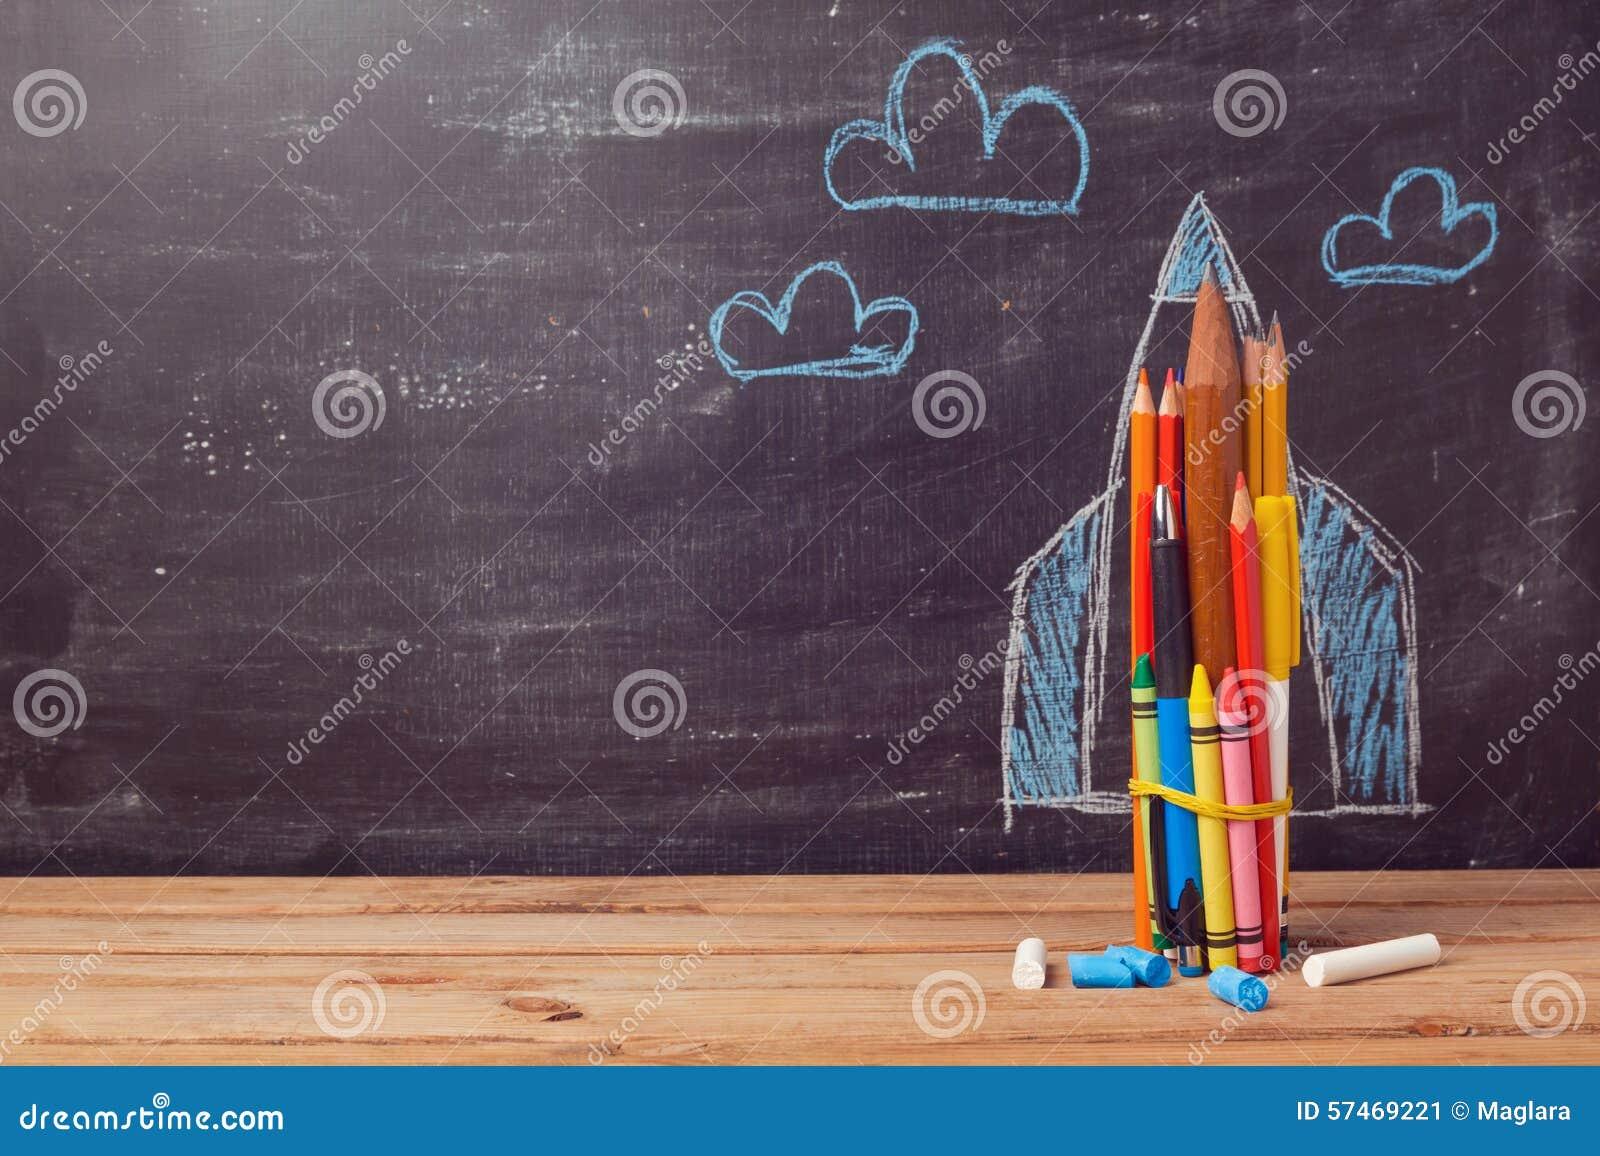 Dra tillbaka till skolabakgrund med raket som göras från färgade blyertspennor